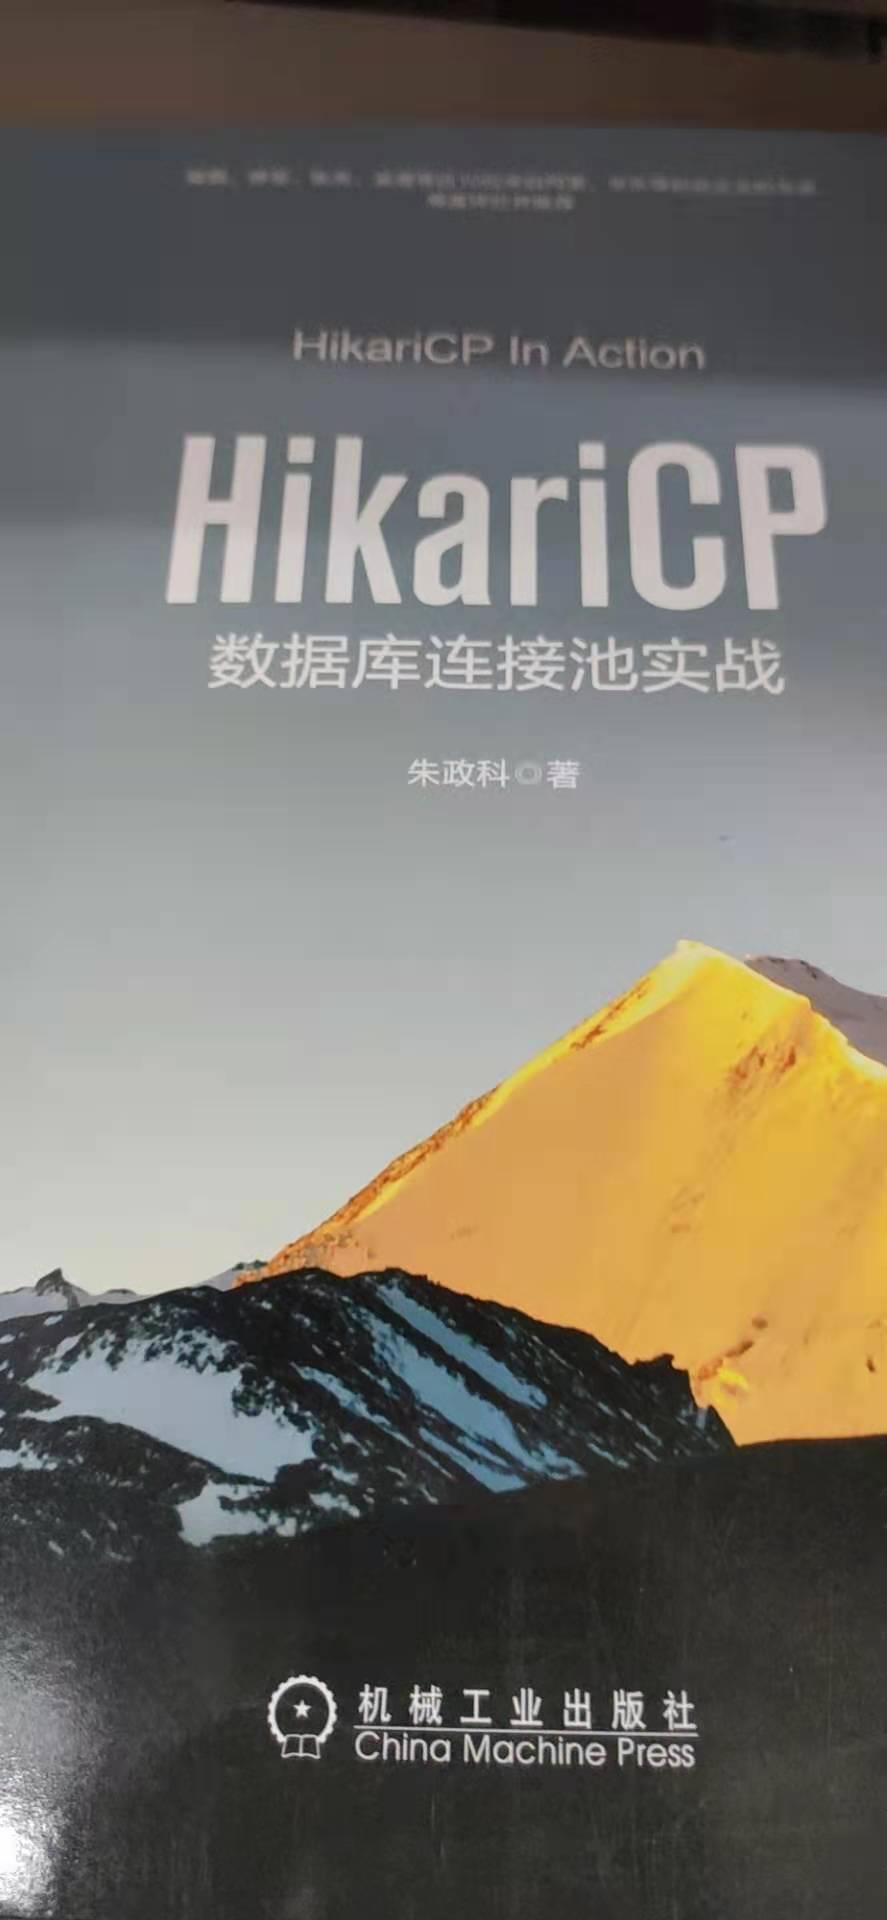 HikariCP